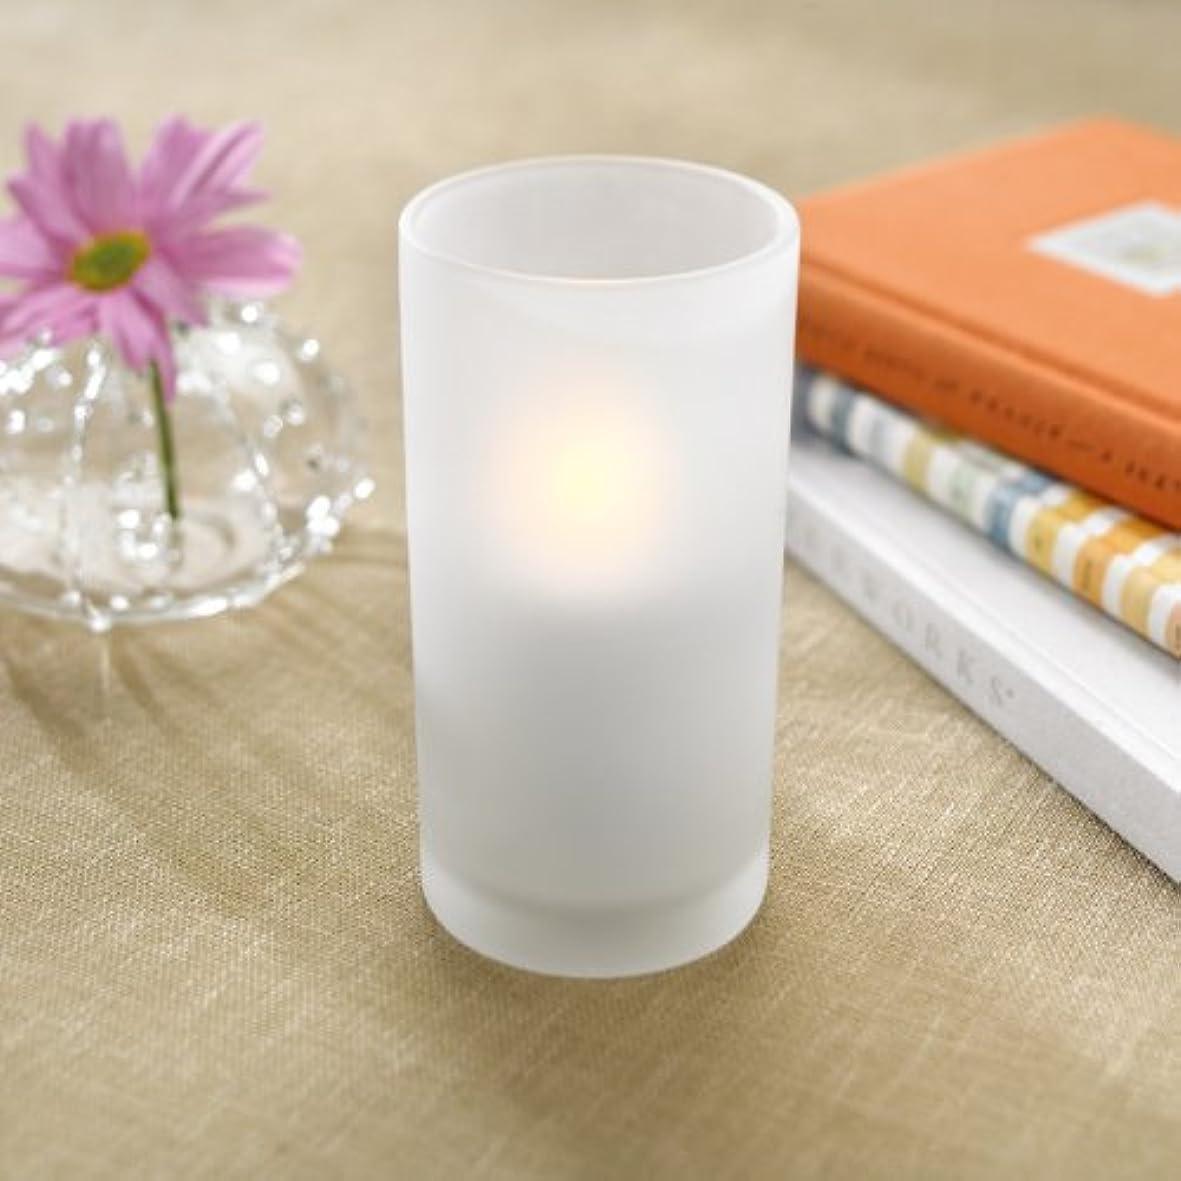 欺一時停止より多いsmartcandle-LEDトールグラスキャンドル/ホワイト